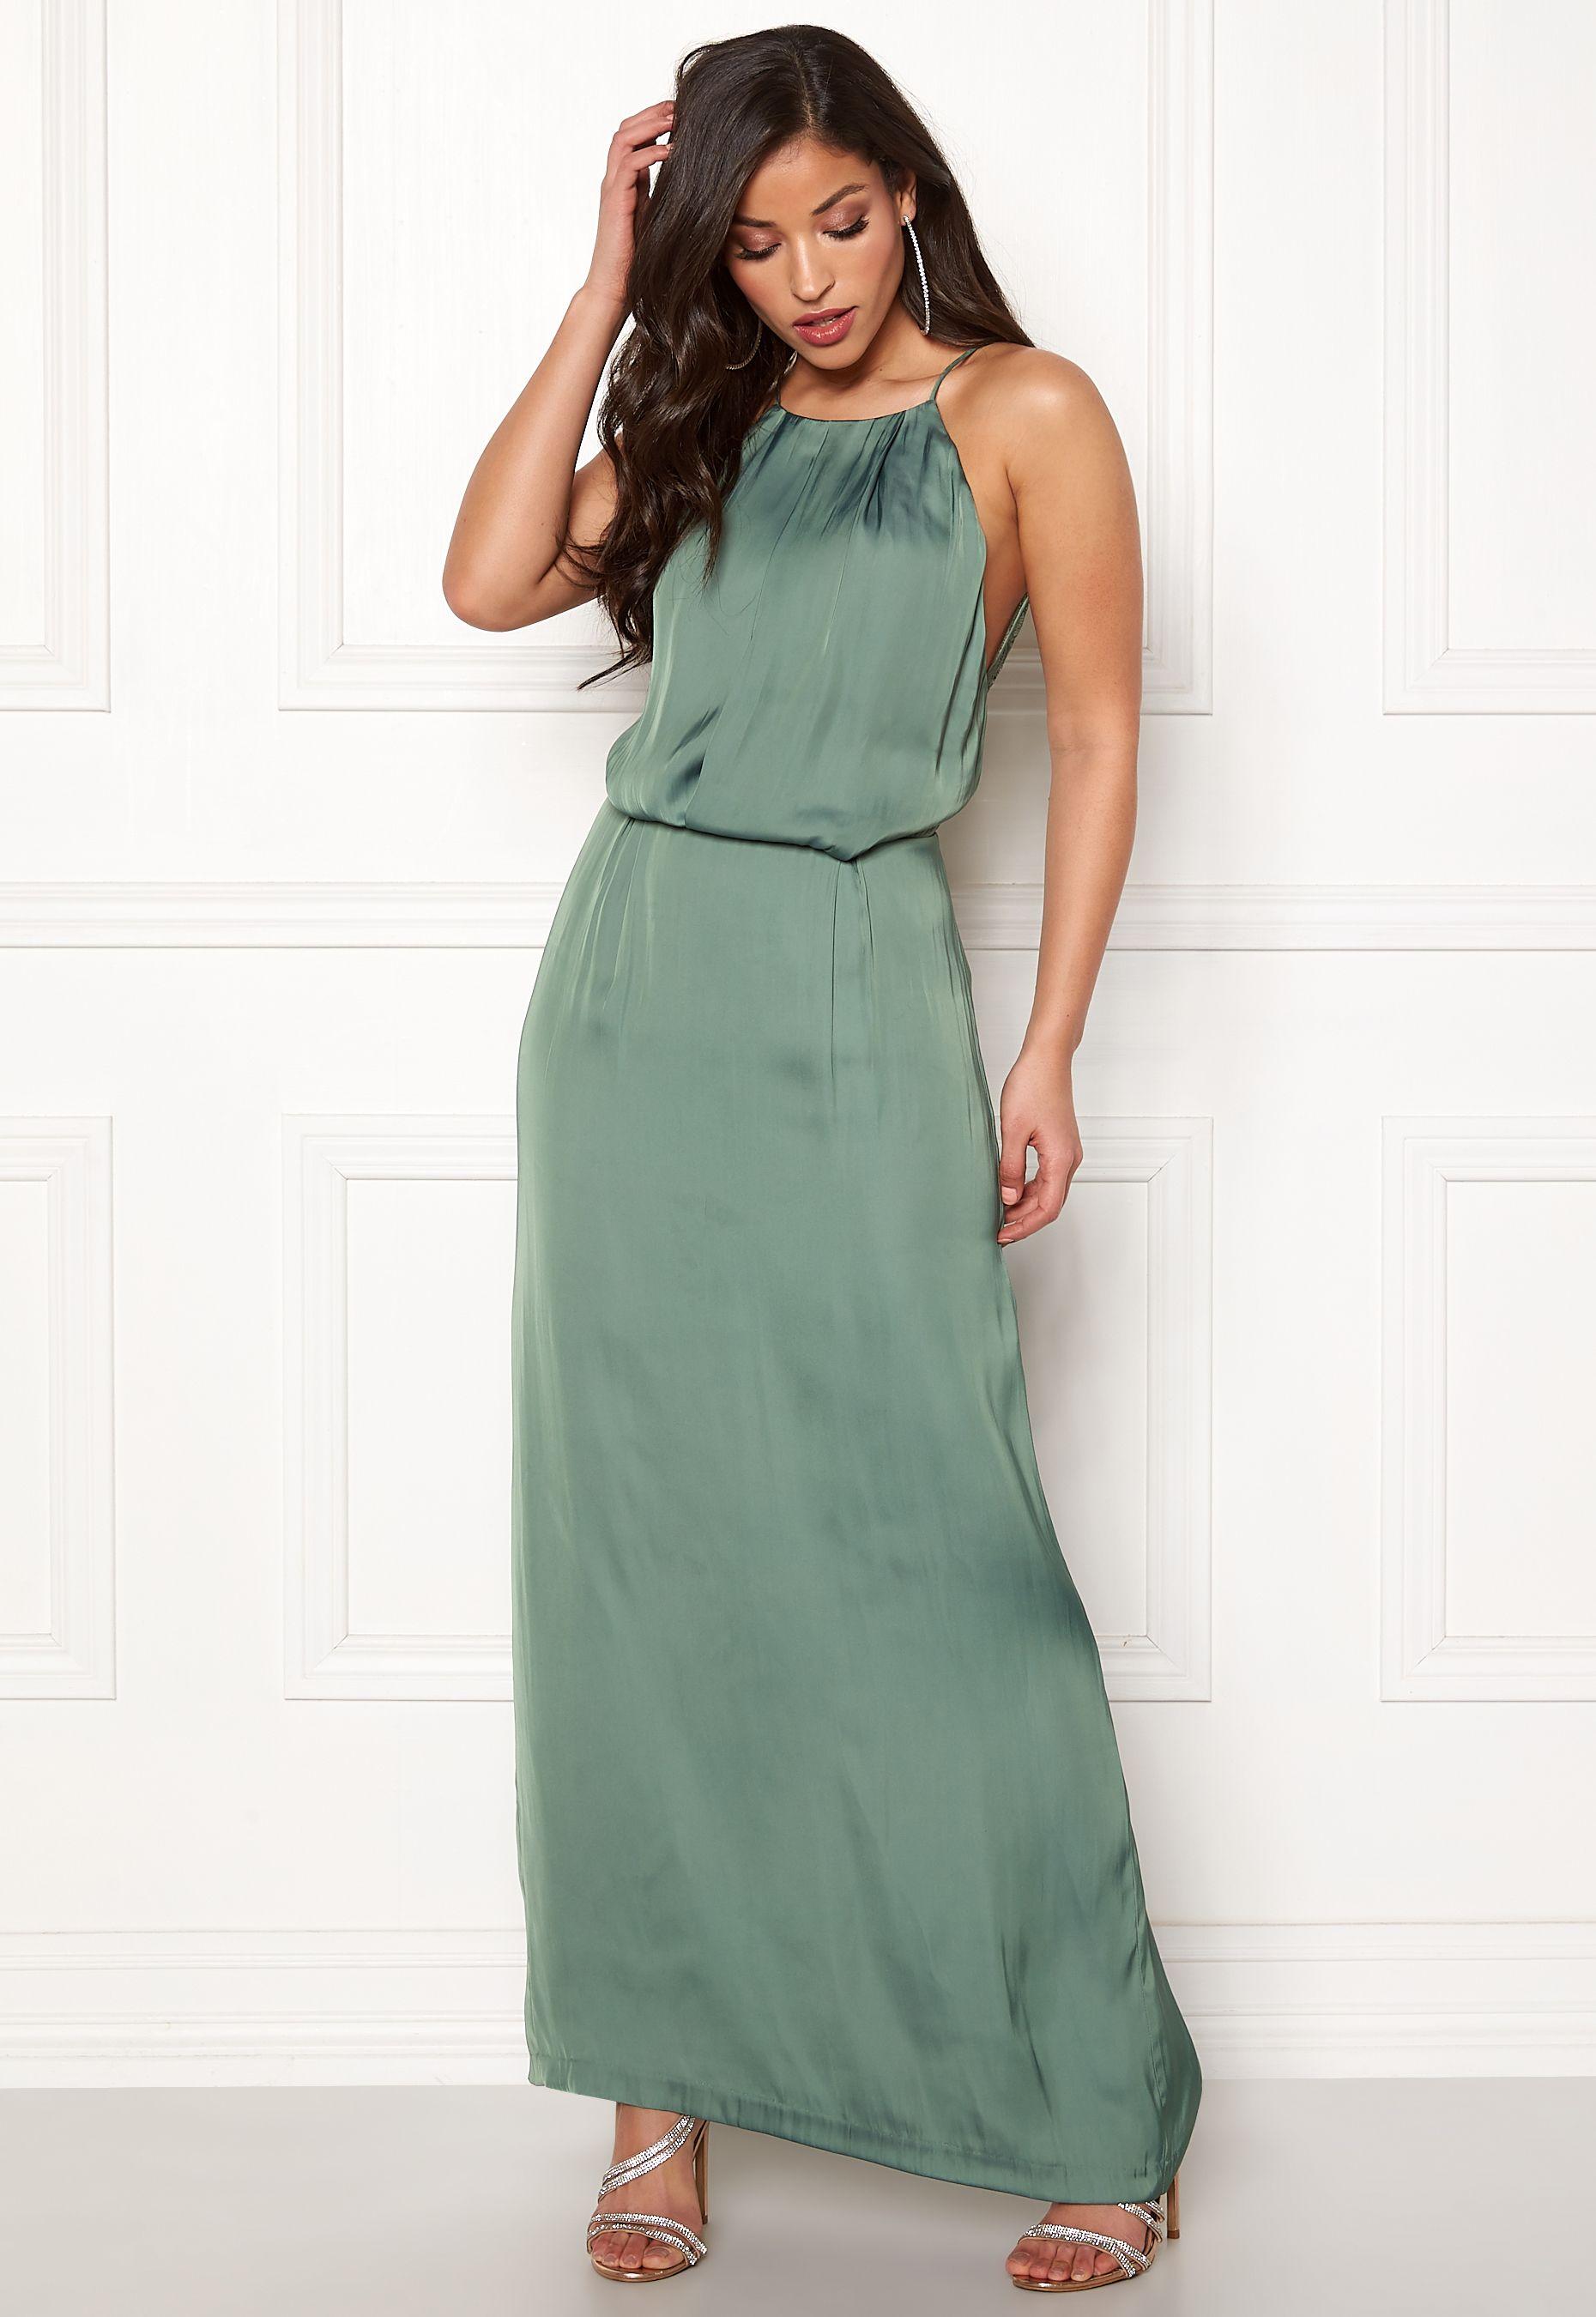 dress impress kjoler